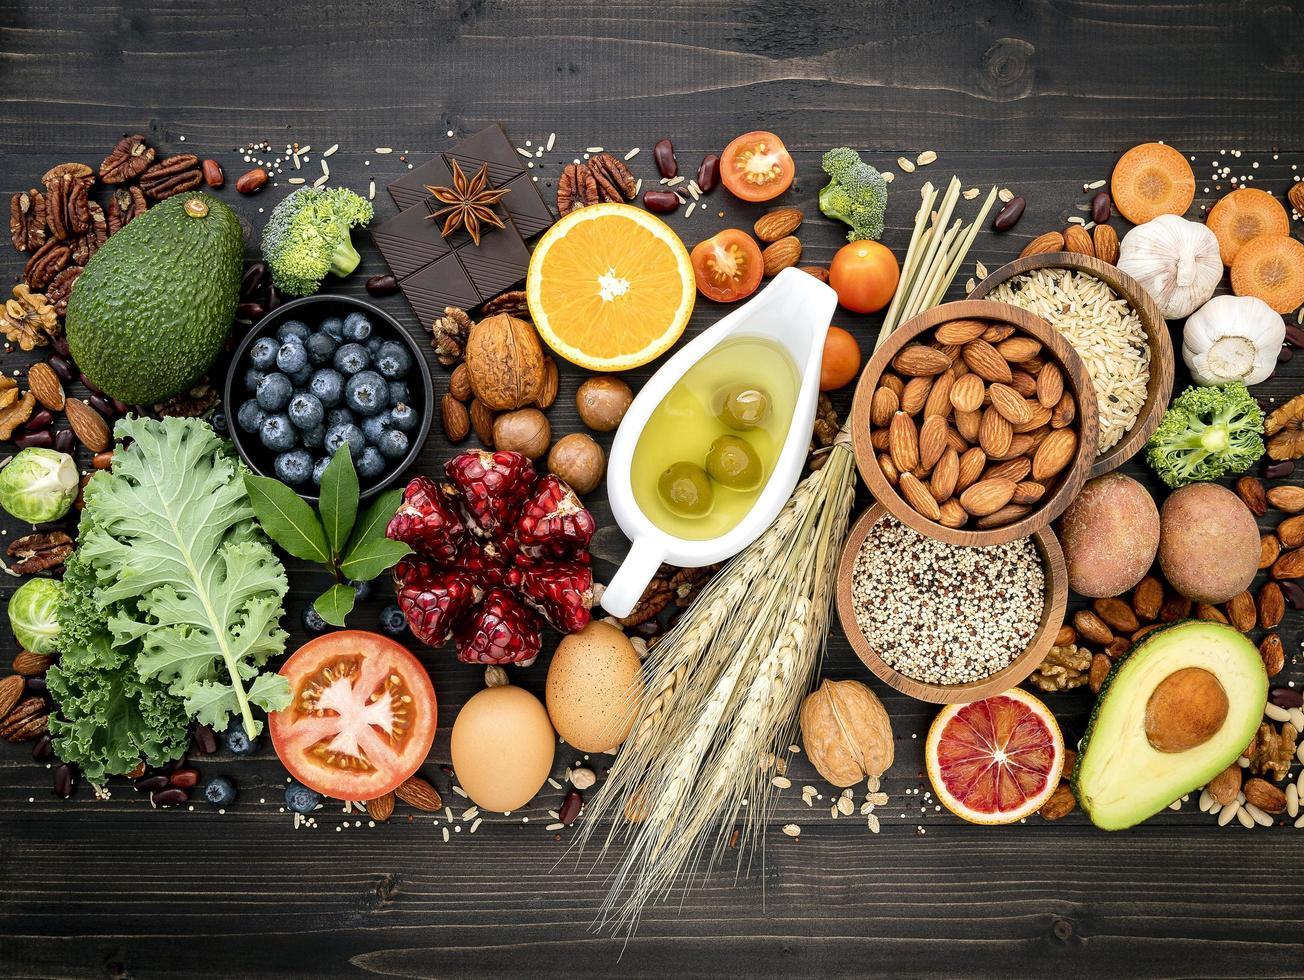 Healthy diet foods photo